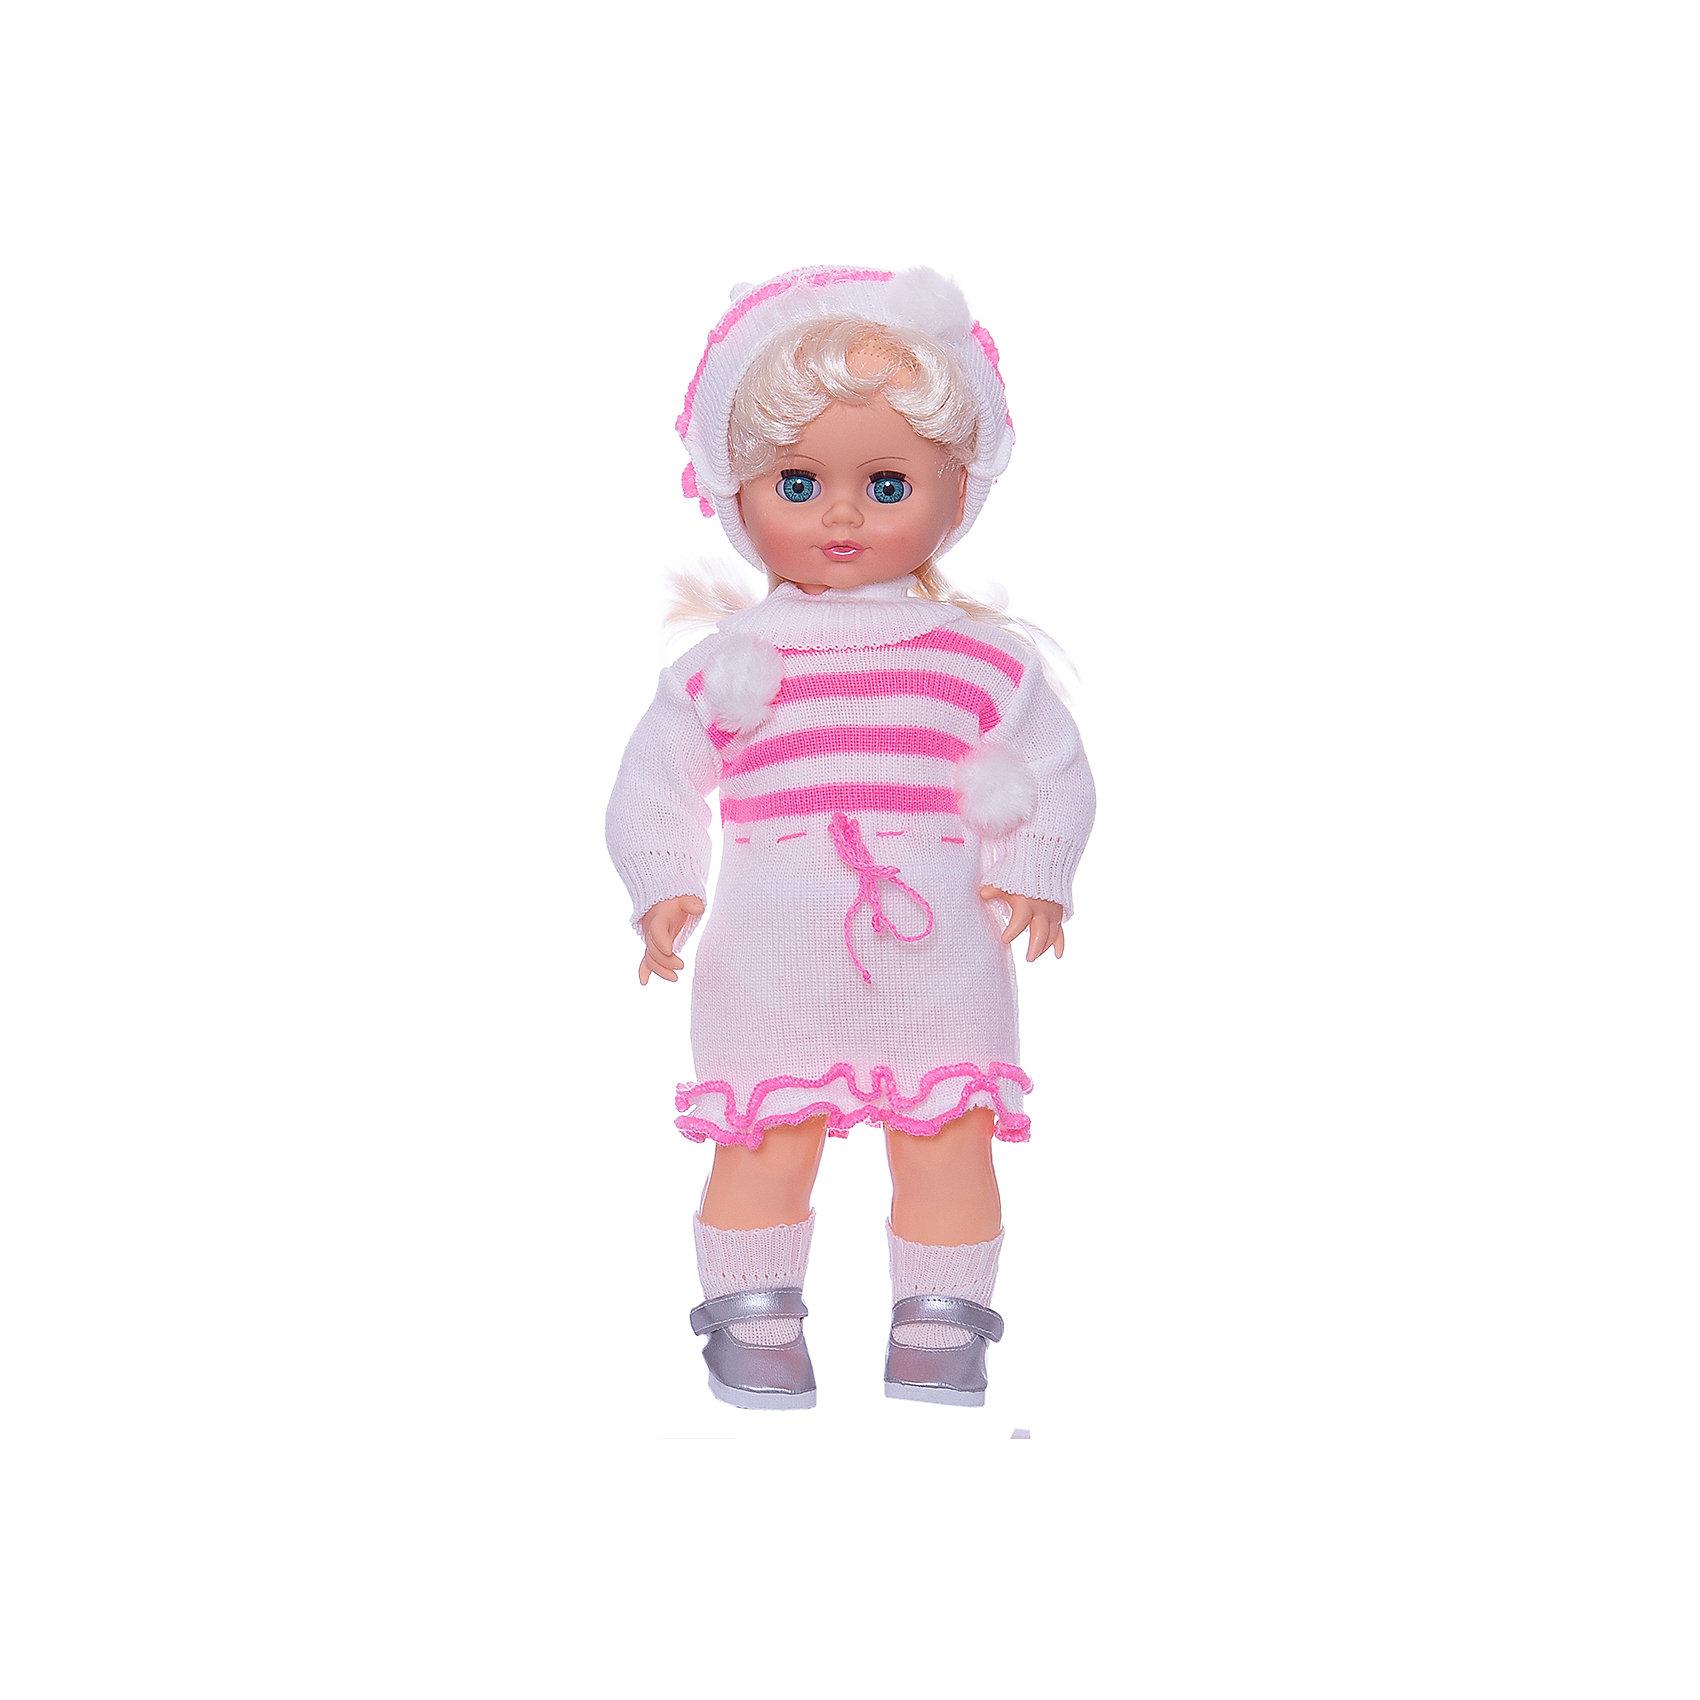 Весна Кукла Инна 37, со звуком, 43 см, Весна весна милана 5 со звуком в2203 о